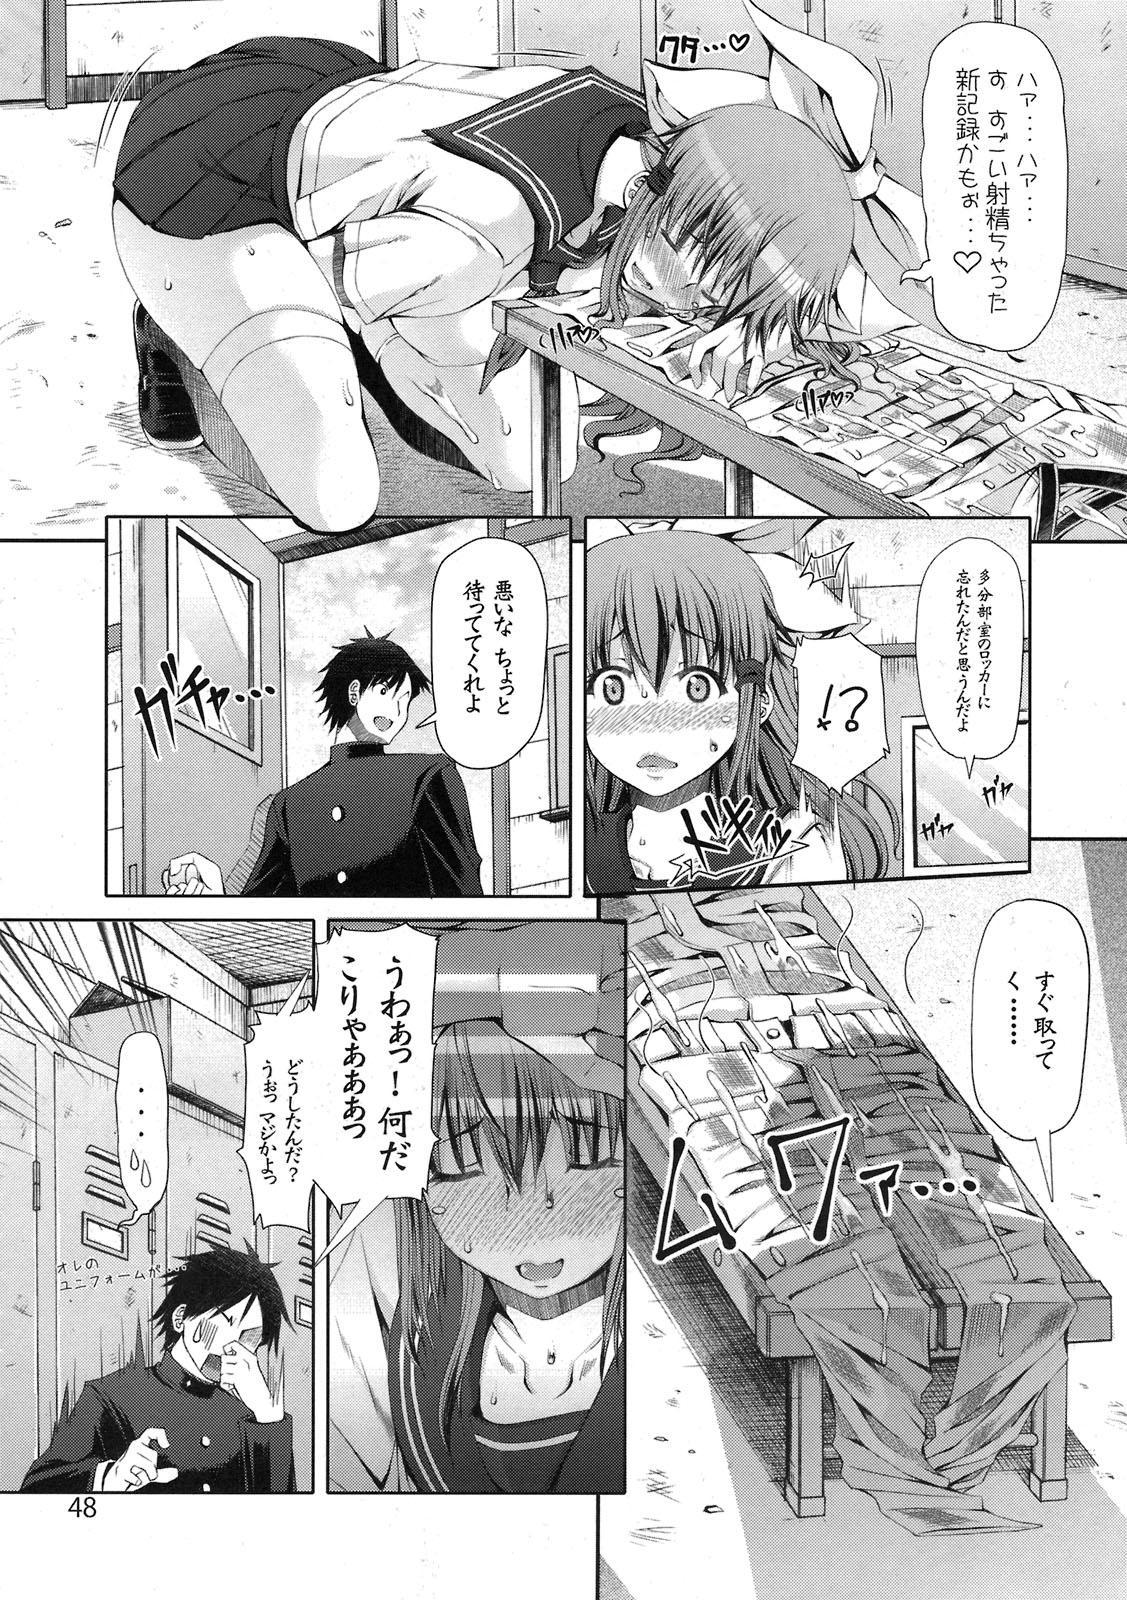 """Moshi Koukou Yakyuu no Joshi Manager ga Misakura Nankotsu no """"Ero Doujinshi"""" wo Yondara 47"""